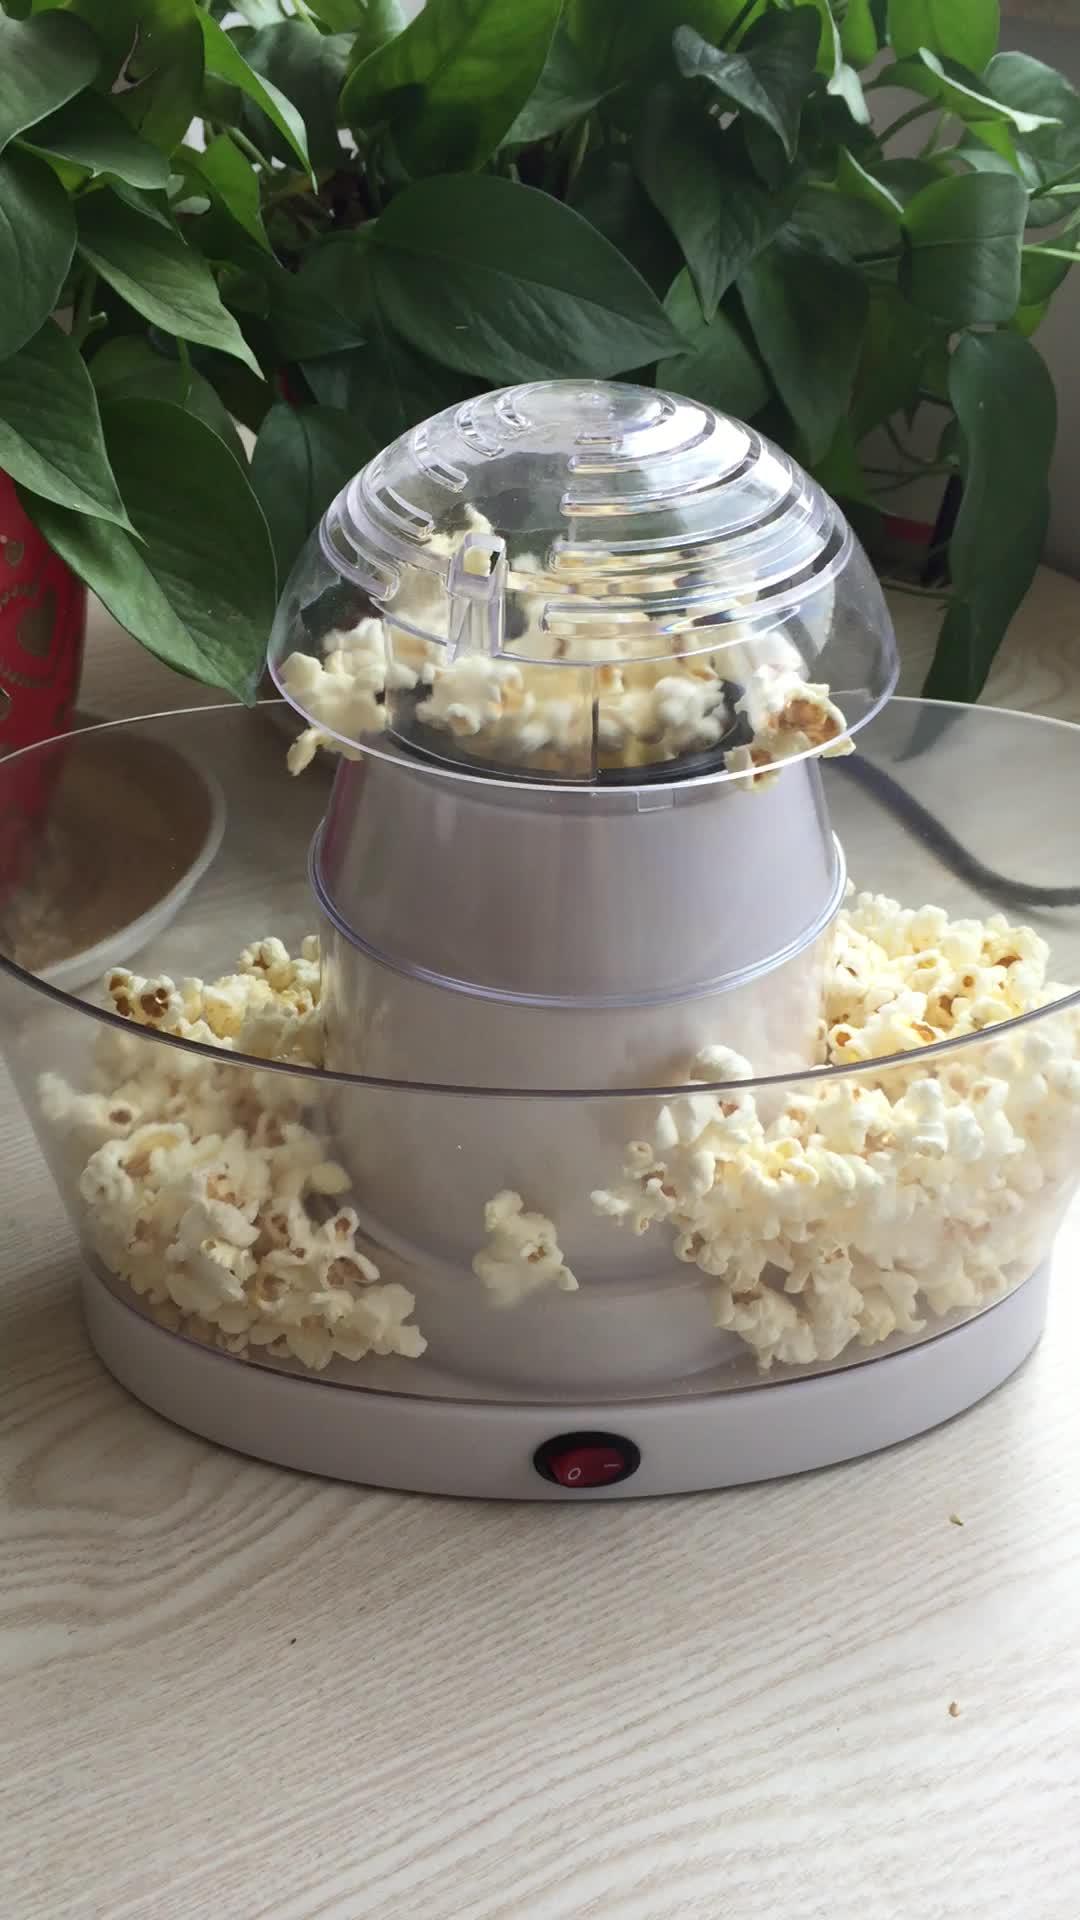 Rumah Tangga Minyak Otomatis Gratis Mini Popcorn Popper Listrik Udara Panas Mesin Pembuat Popcorn